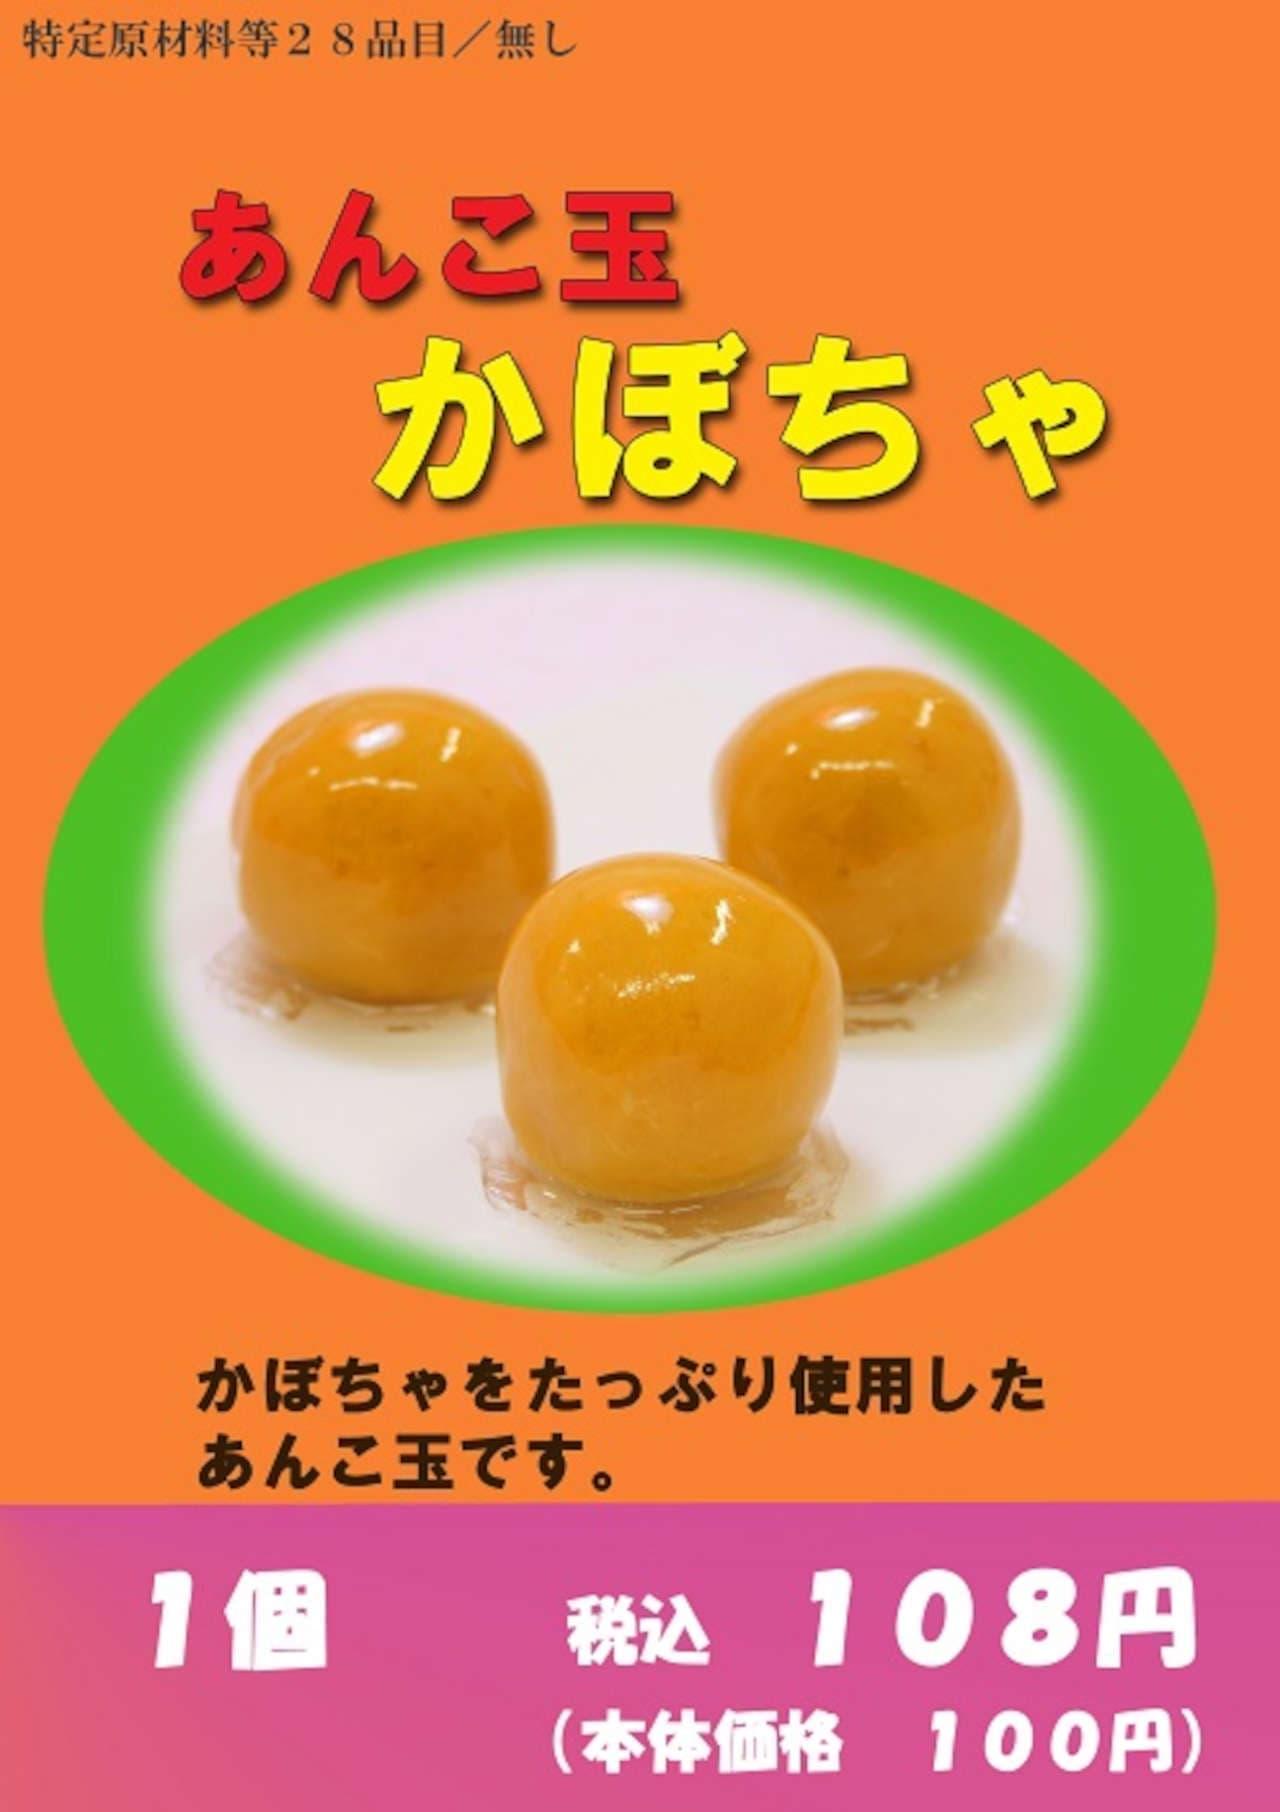 舟和「あんこ玉(かぼちゃ)」